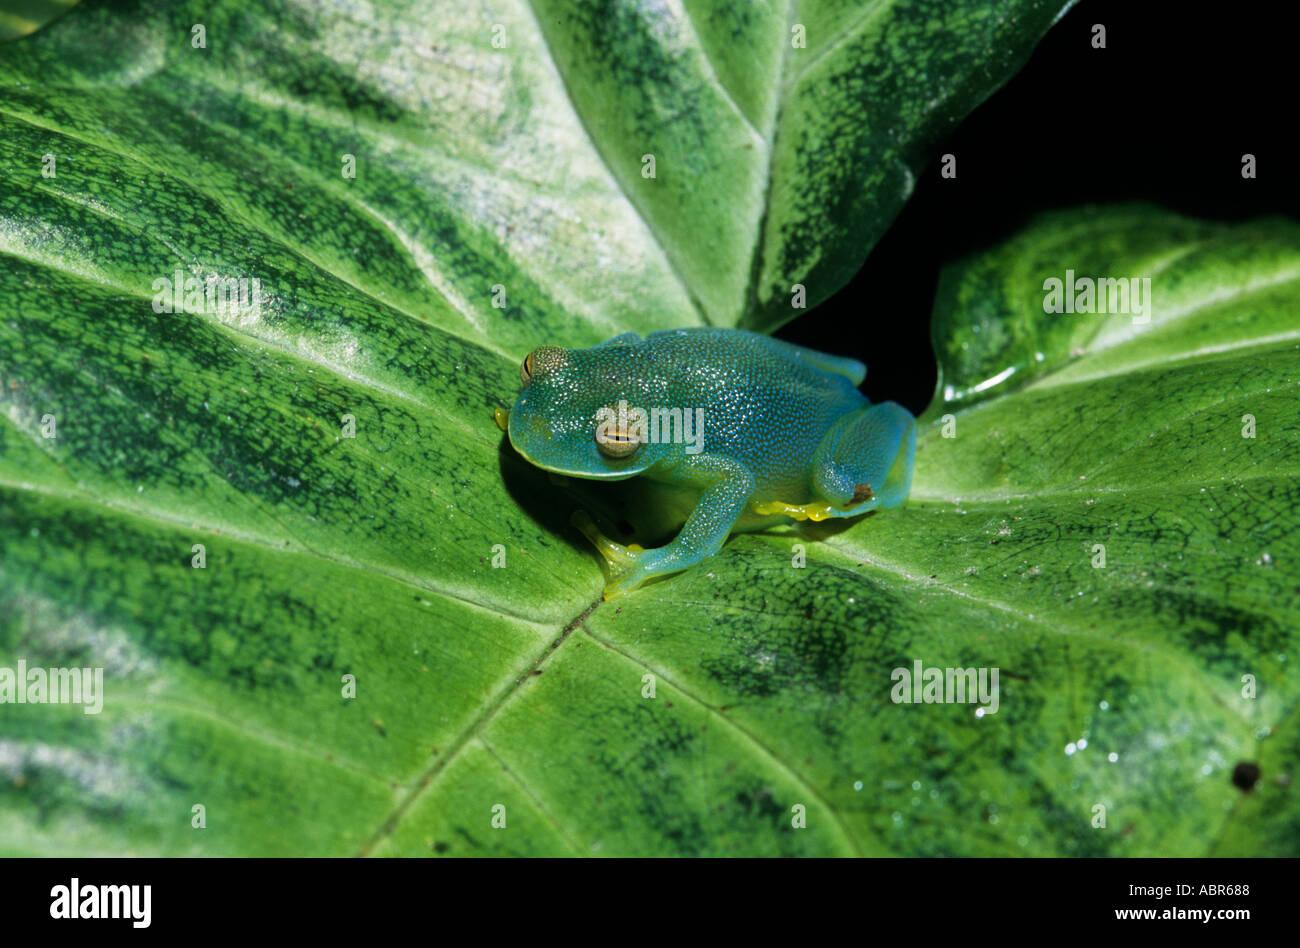 Grenouille Costa Rica monte verde, costa rica. grenouille de verre granulaire (cochranella